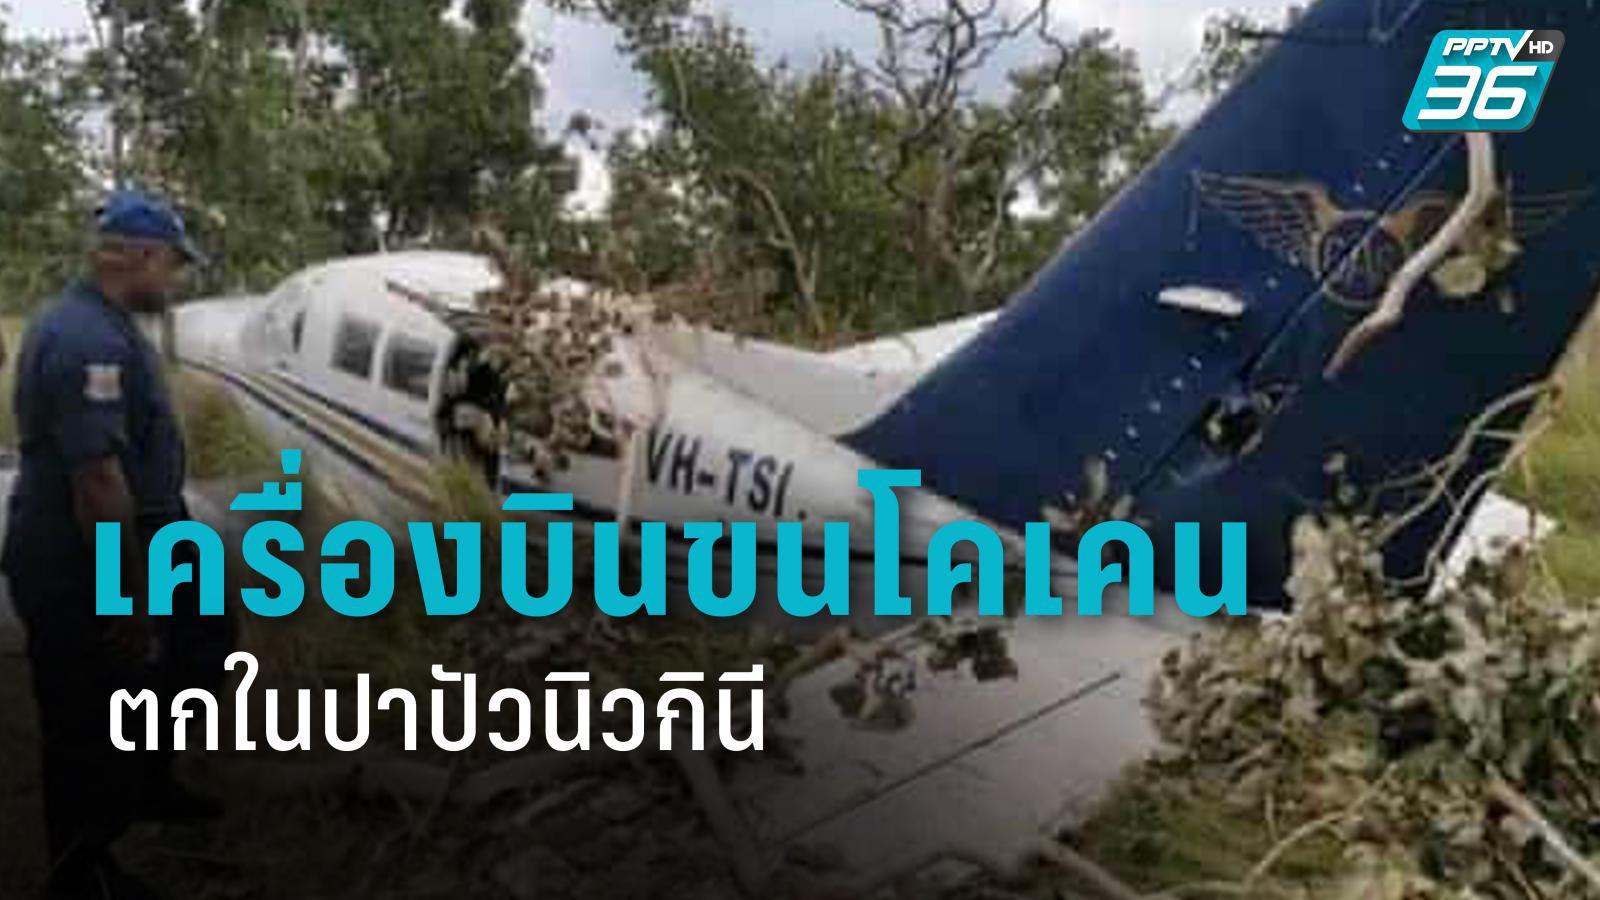 เครื่องบินขนโคเคนตกในปาปัวนิวกินี